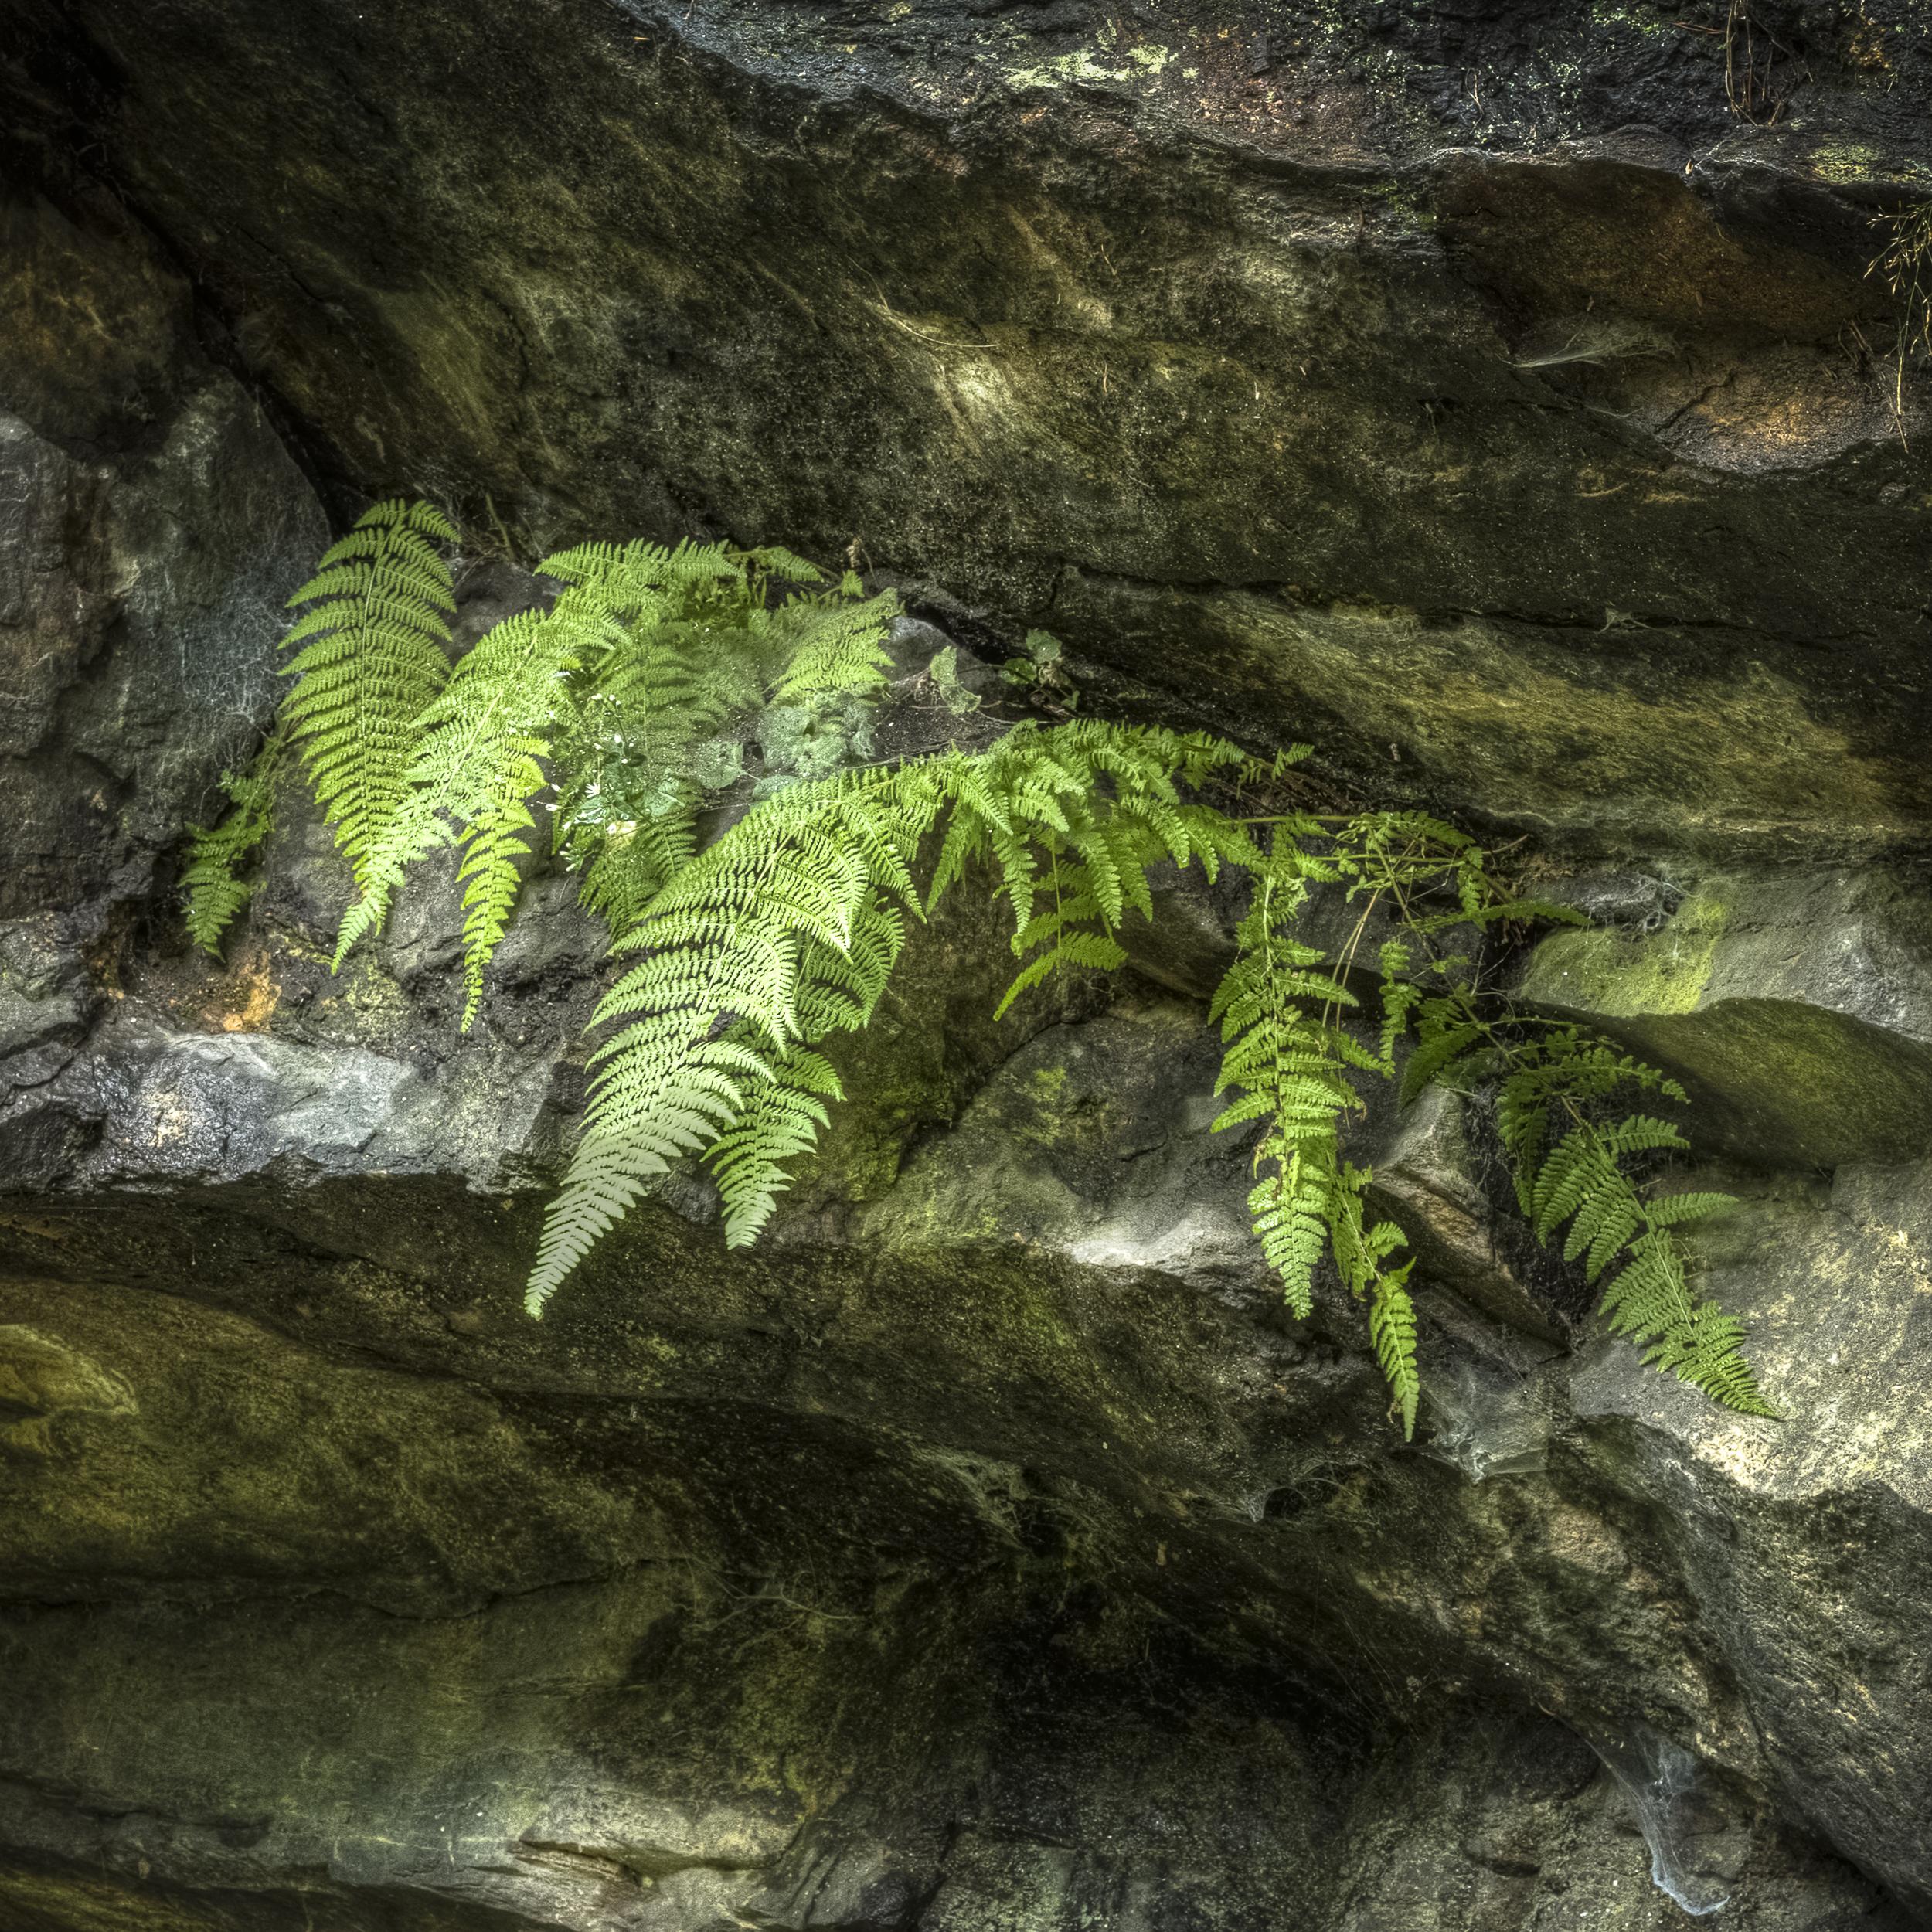 Gneiss Ferns